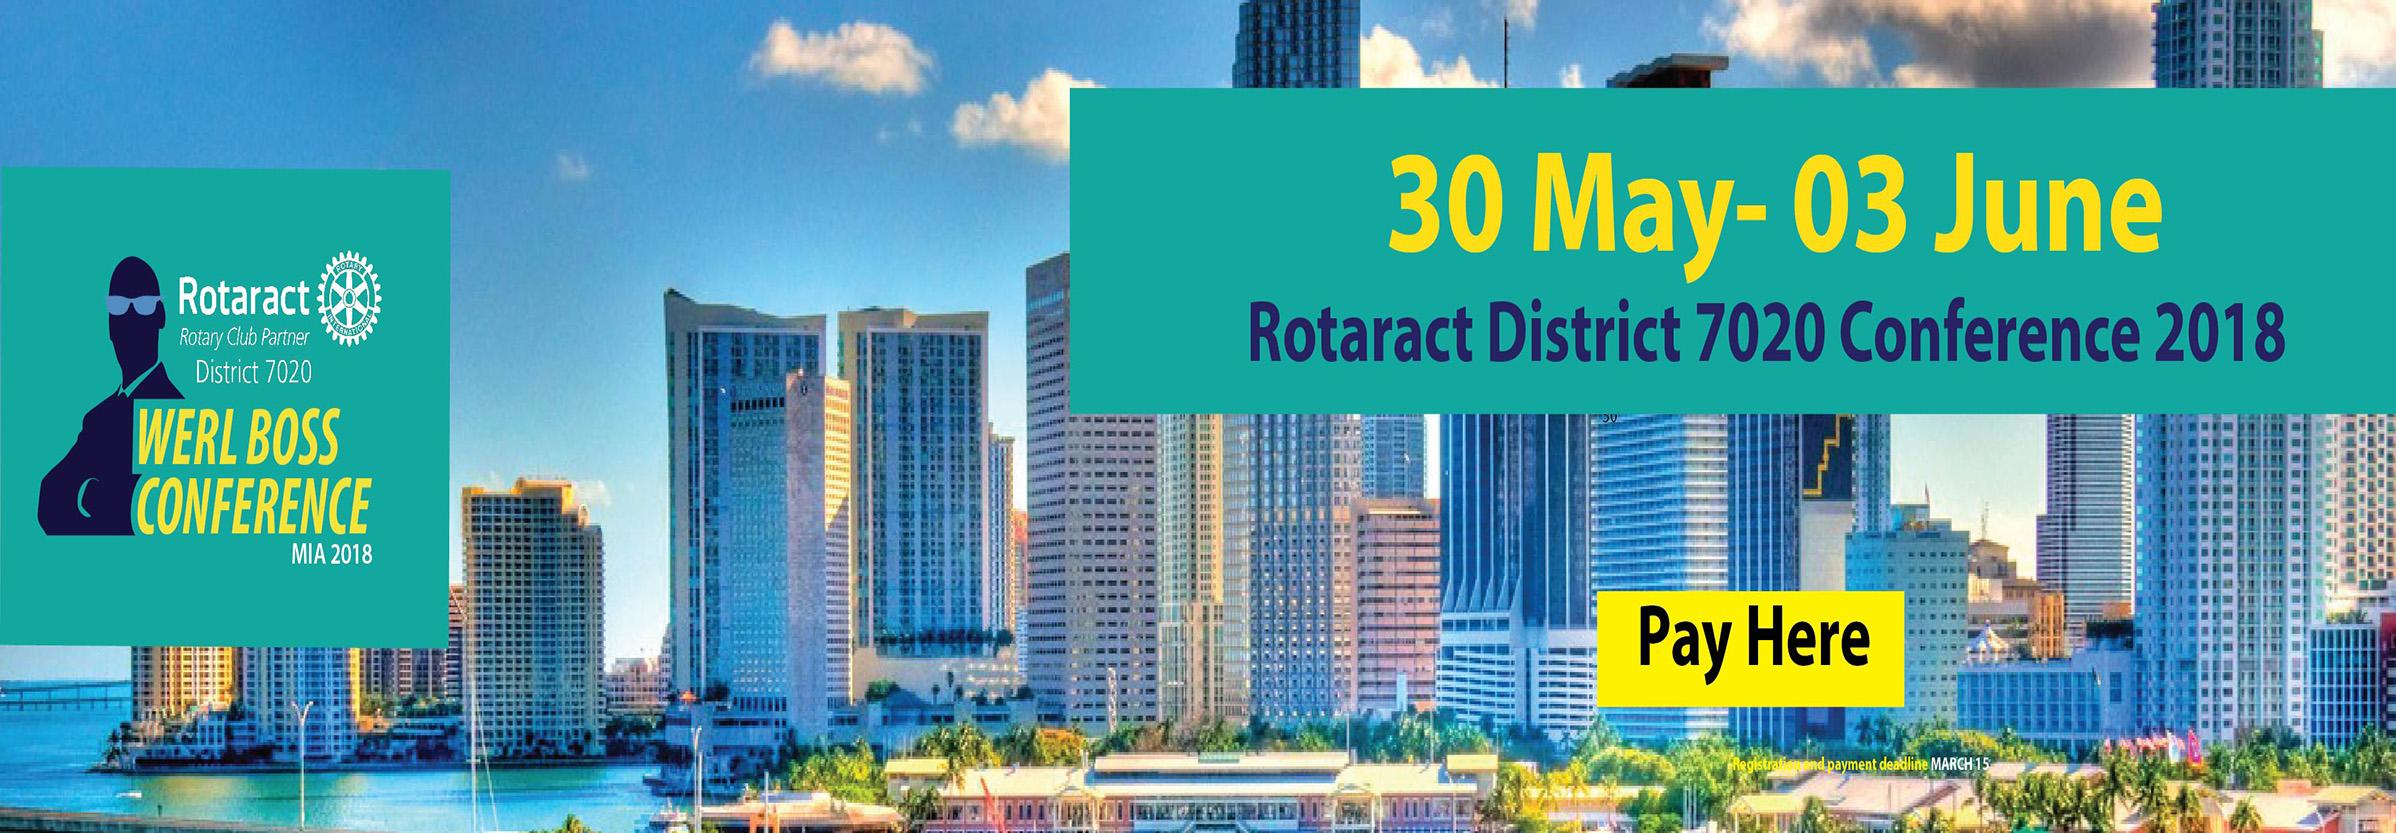 Rotaract-New Flyer